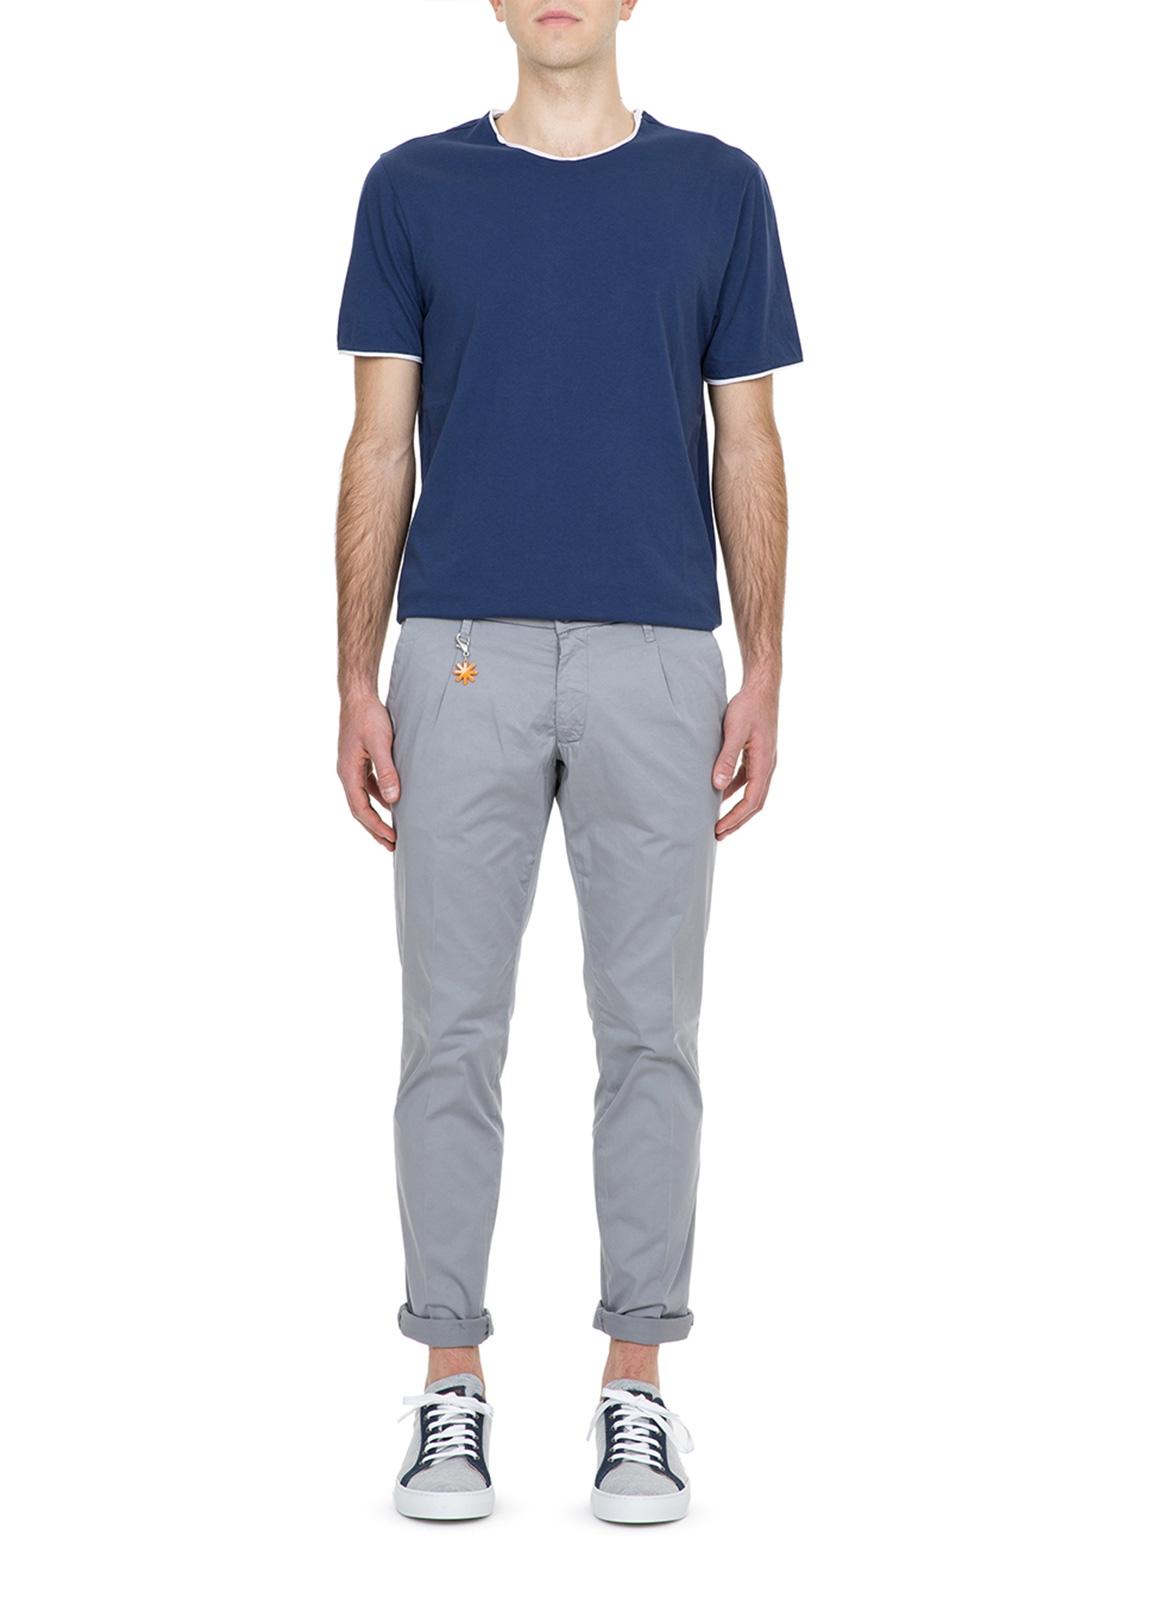 Pantalón chino color gris con pinzas. 100% Algodón.